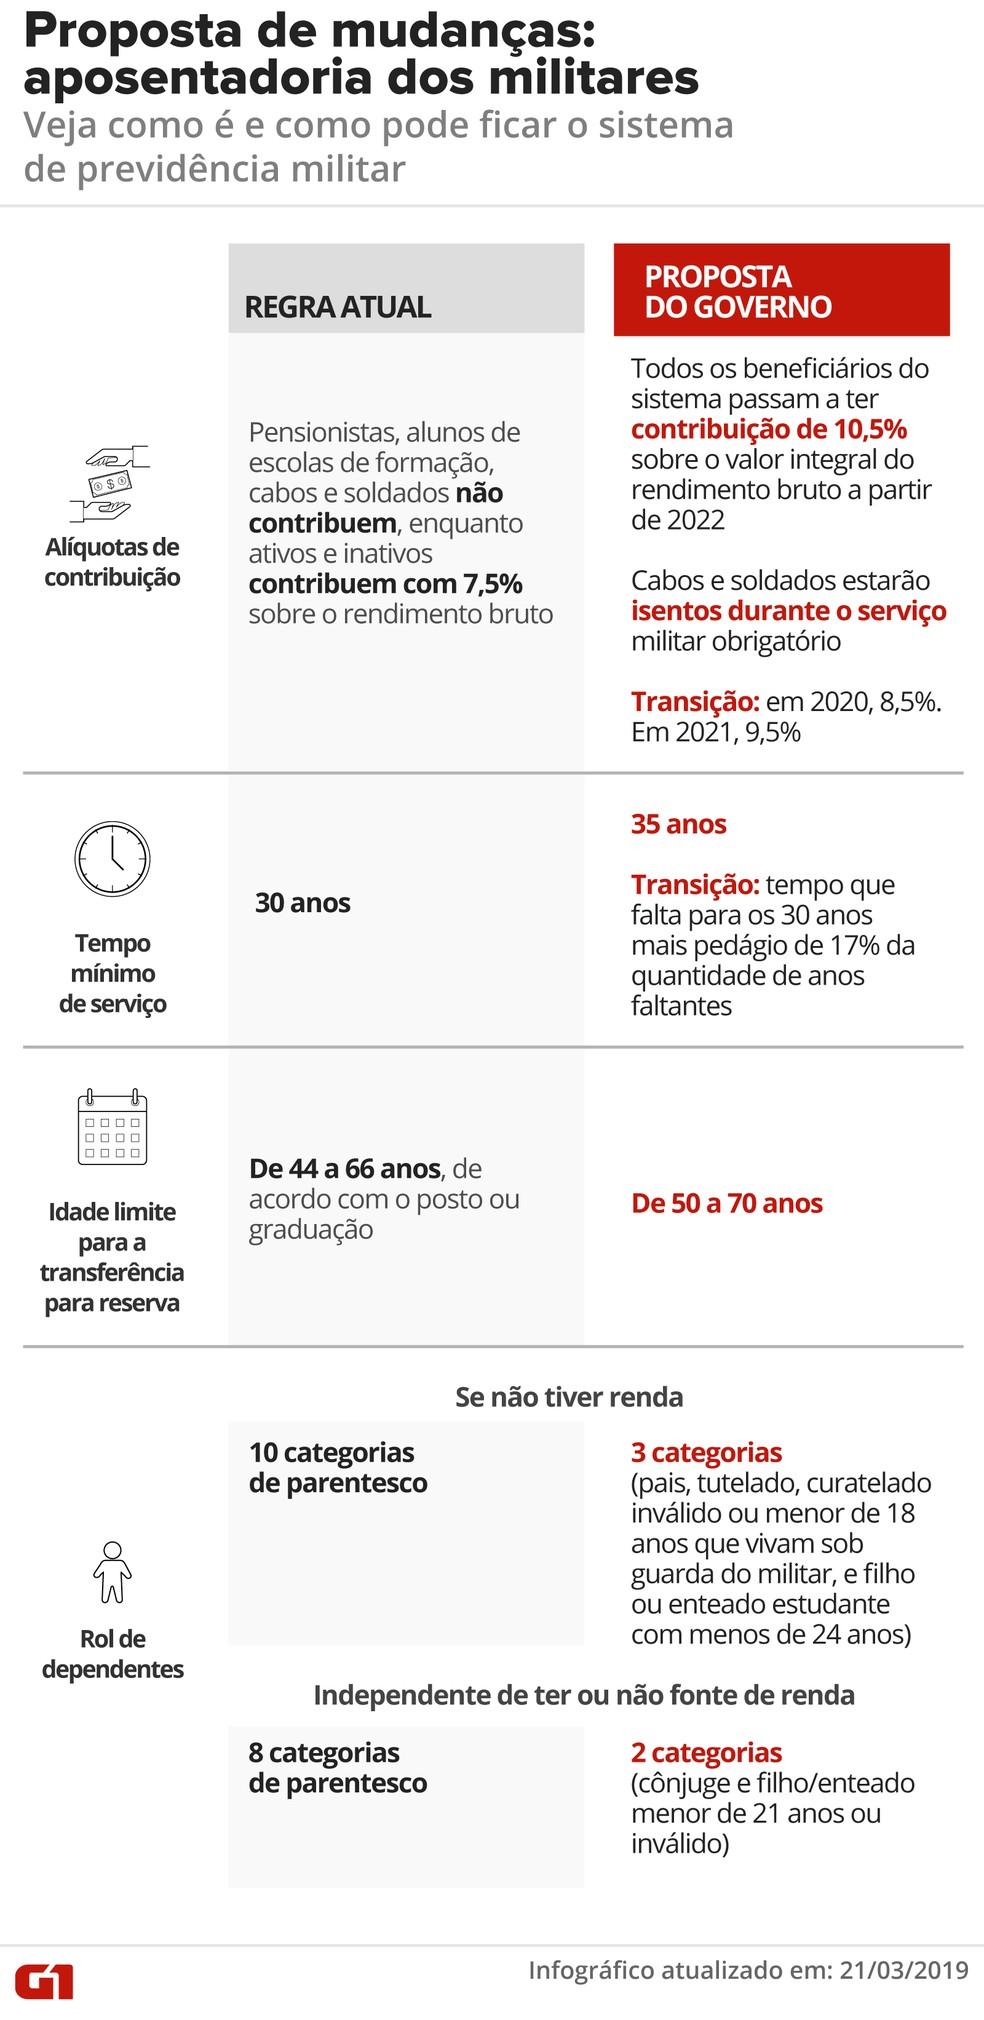 Proposta de reforma para a previdência dos militares — Foto: Infografia: Juliane Souza/G1